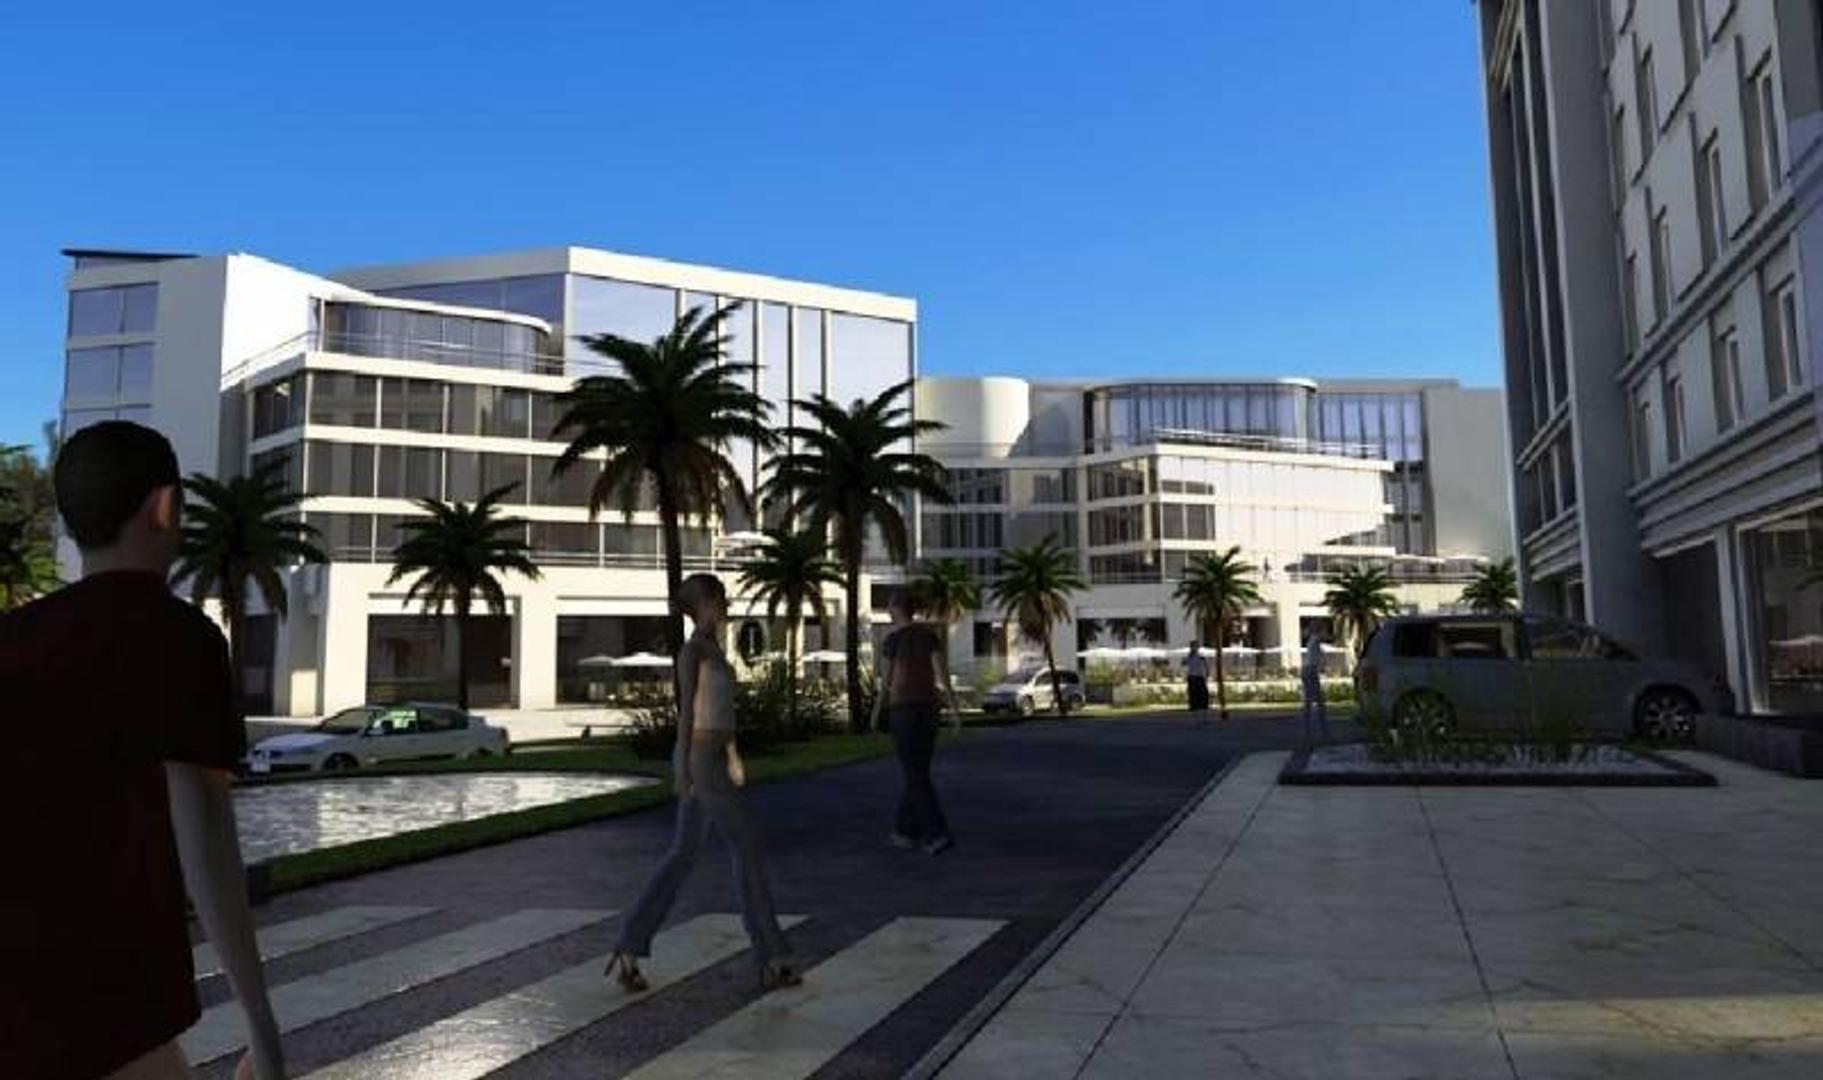 EXCELENTE DEPARTAMENTO APTO PROFESIONAL FRONTAL AL HOTEL WYNDHAM NORDELTA. E48714322701106